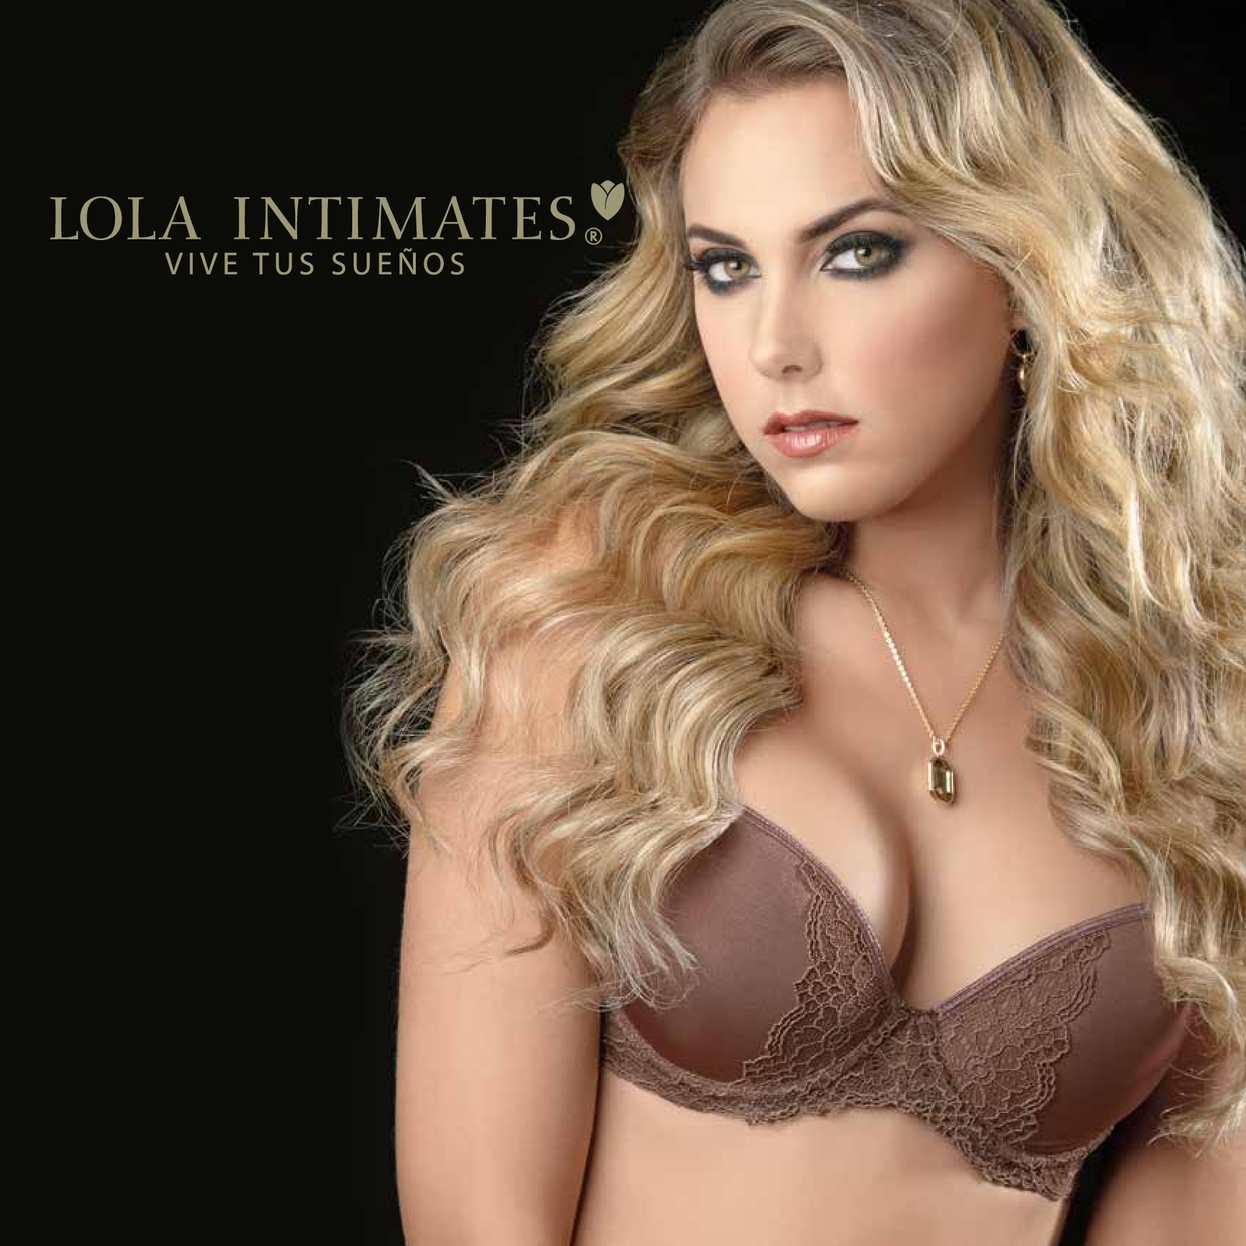 Catalogo Lola Intimates 2015